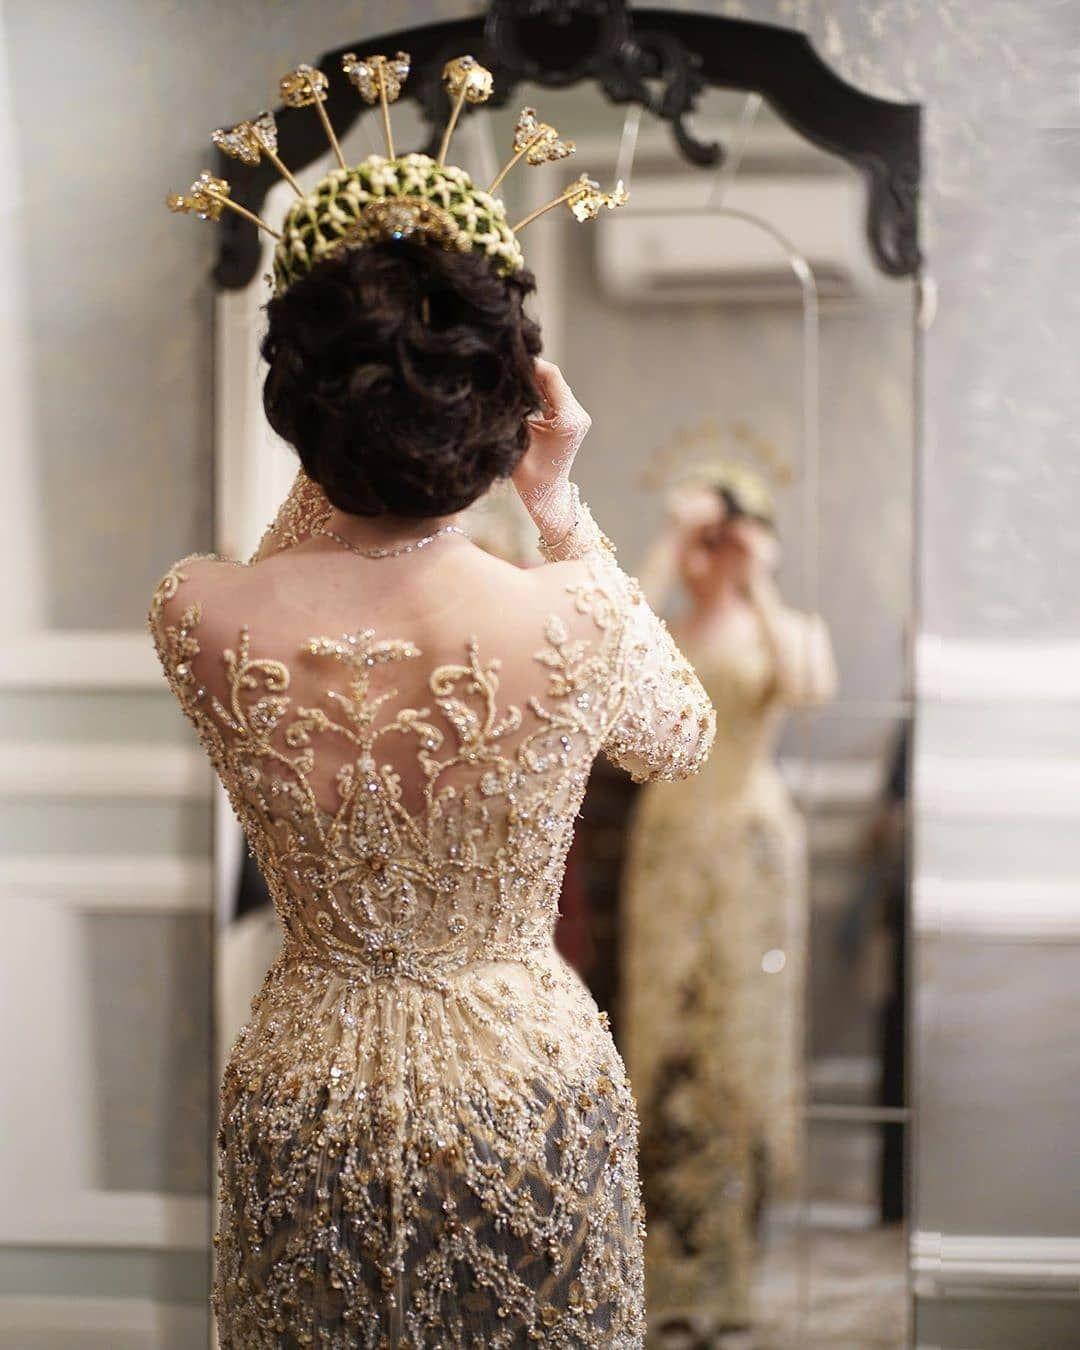 Kebaya Anti Mainstream Untuk Pernikahan Yang Terlupakan Gaun Pengantin Gaya Pengantin Pengantin Wanita